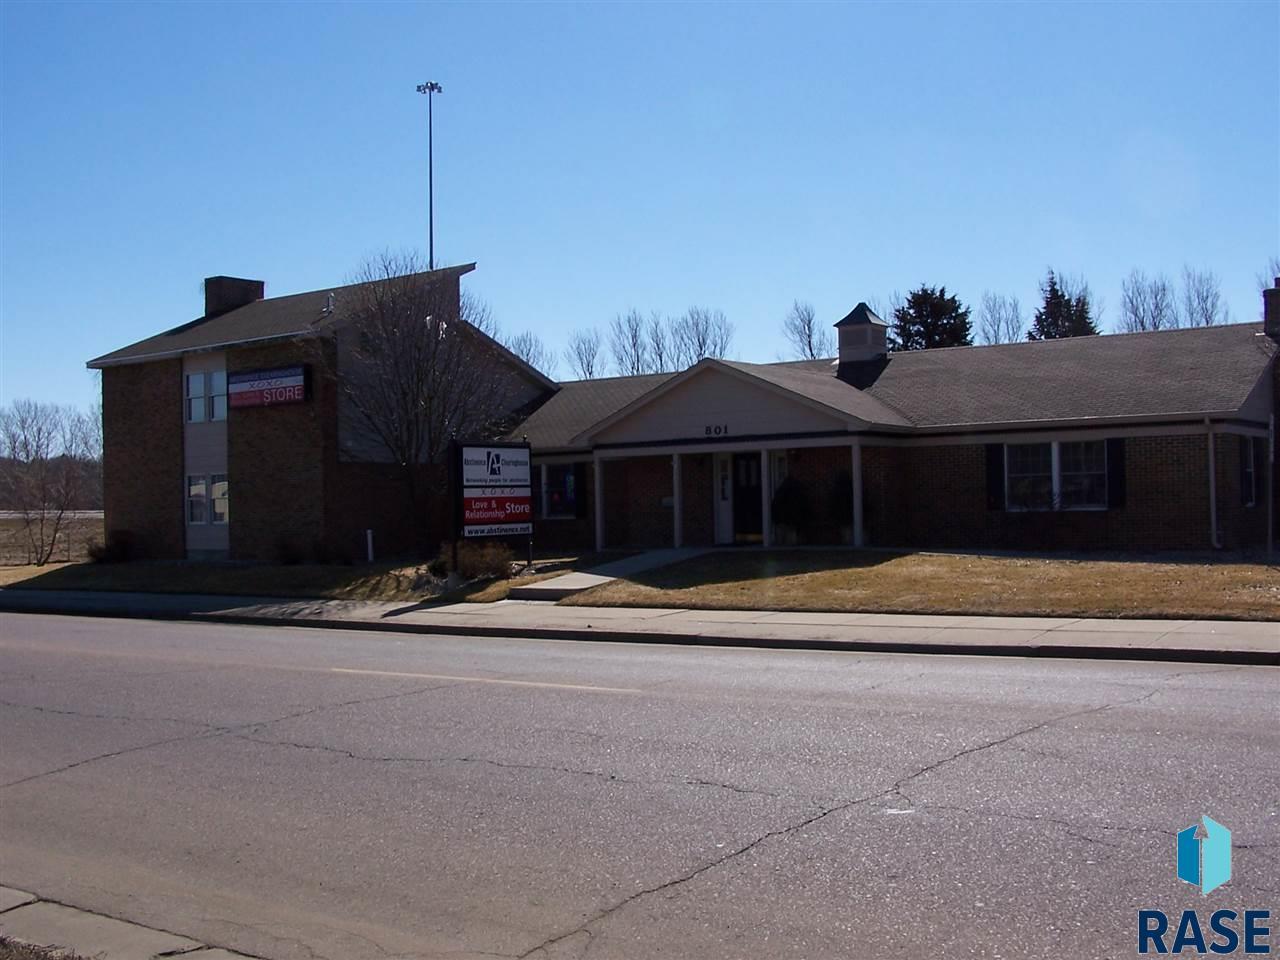 801 E 41st St, Sioux Falls, SD 57105